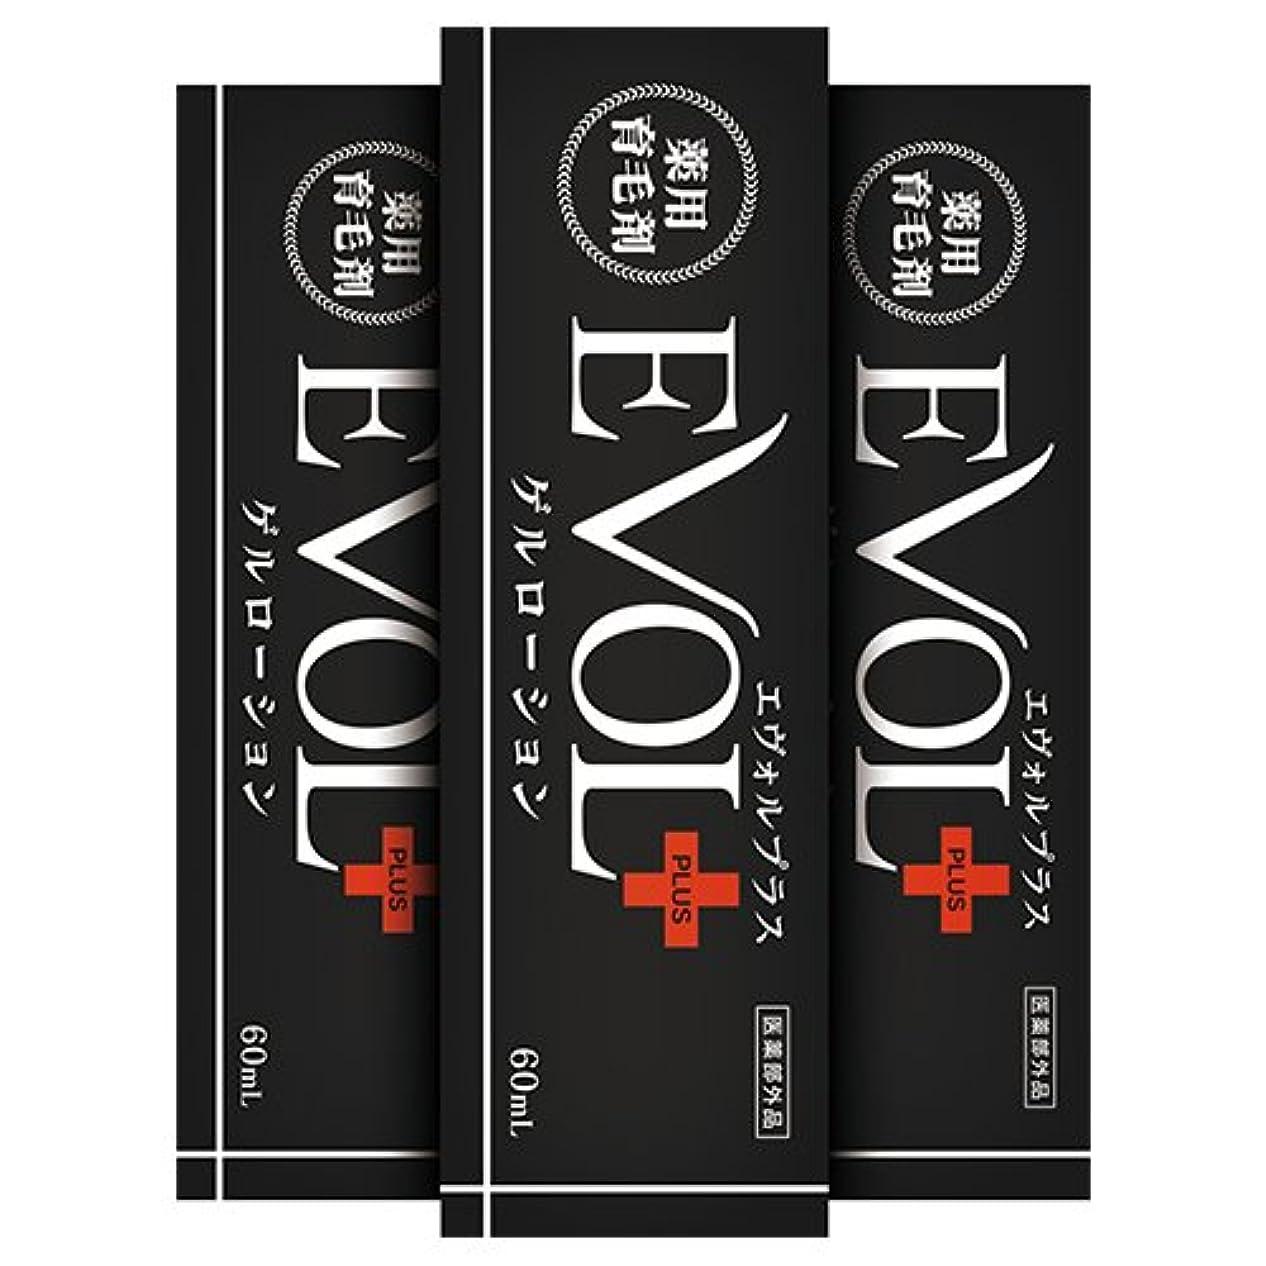 名詞鳴り響く好きである薬用育毛剤EVOL+ ゲルローション(3本セット)